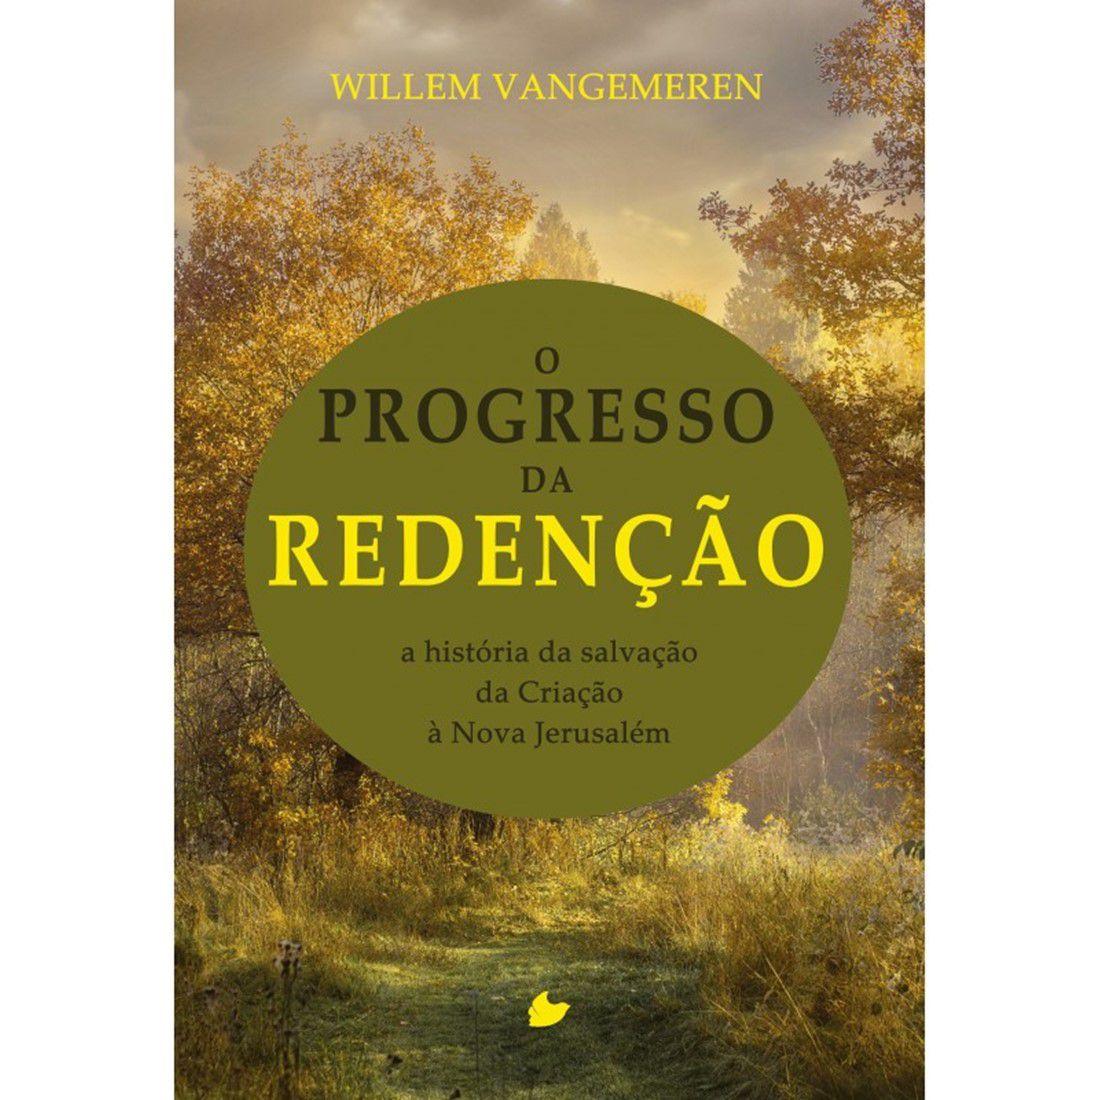 Livro O Progresso da Redenção